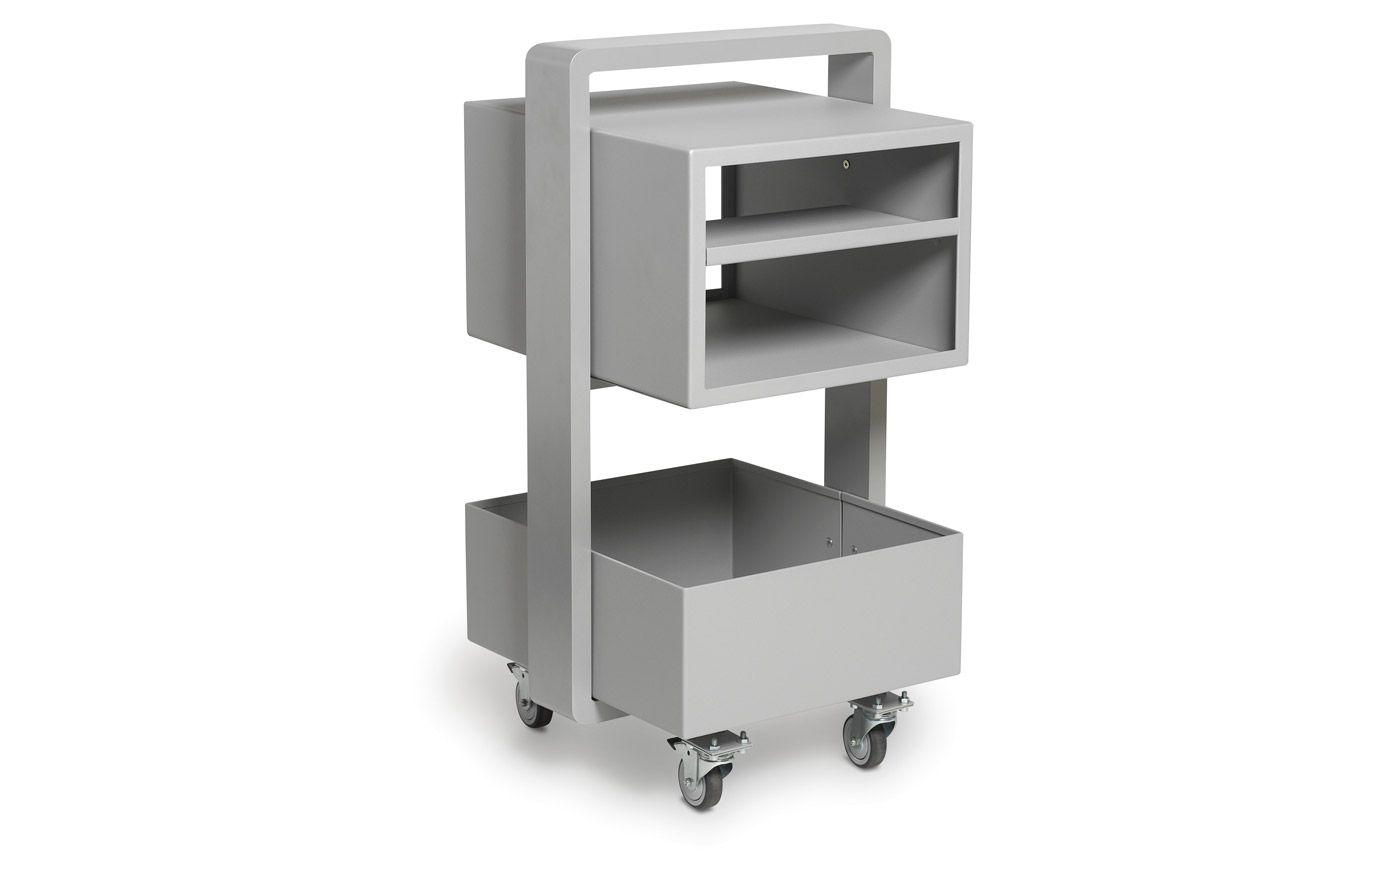 Kama Servierwagen - Möbel / Gartenmöbel - Wirklich clevere Lösungen ...